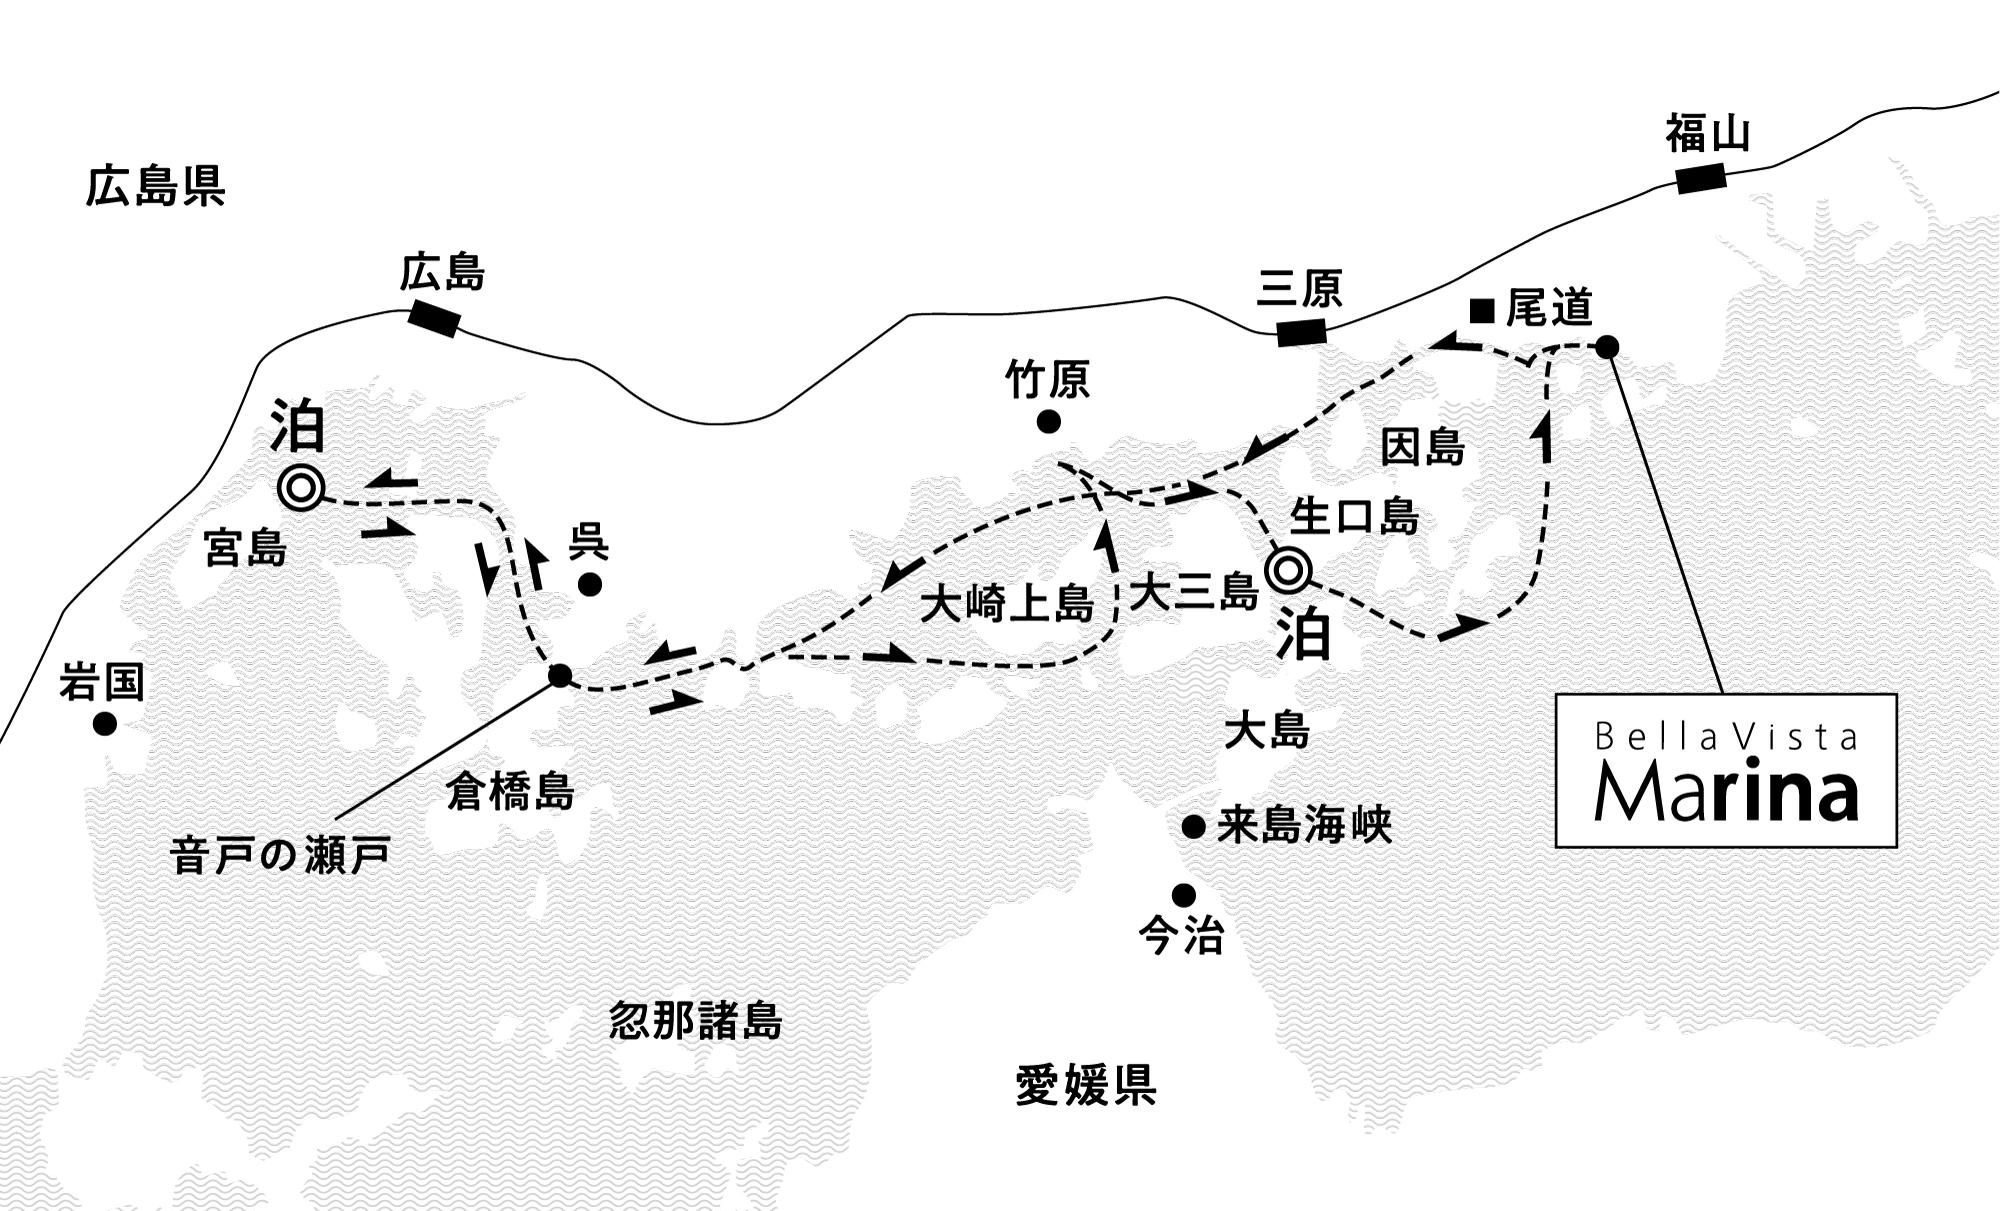 悠久の歴史と文化にせとうちを知る 宮島沖・伯方島沖錨泊3日間